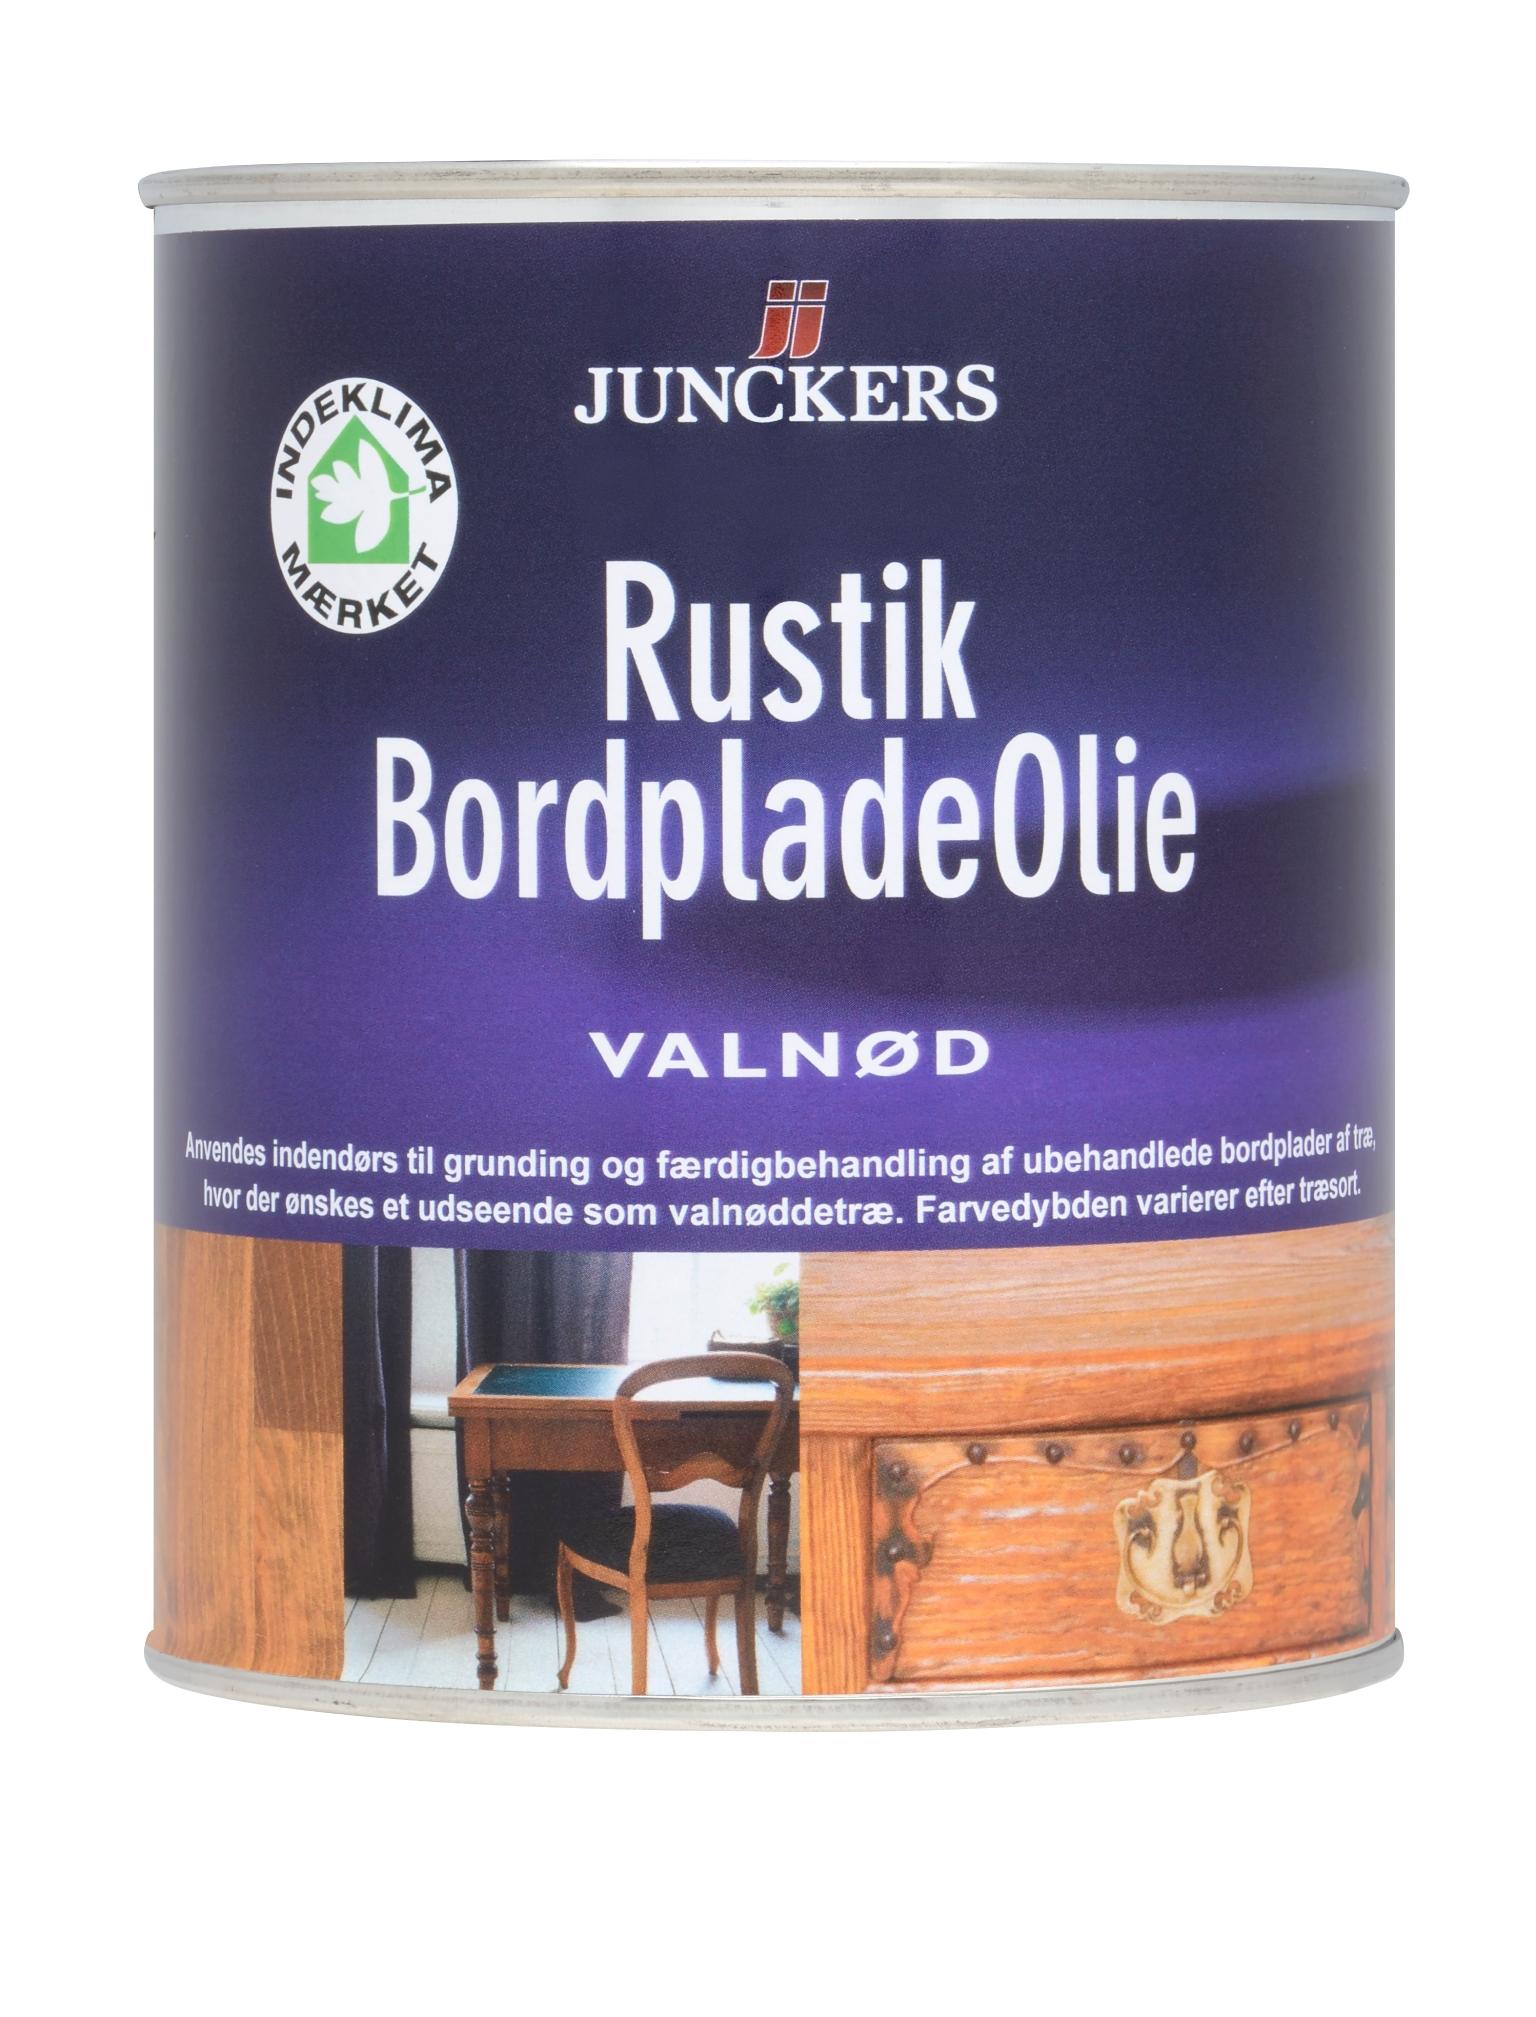 Unik Junckers bordpladeolie valnød 0,75 L - Træpleje - efarvehandel.dk VG91